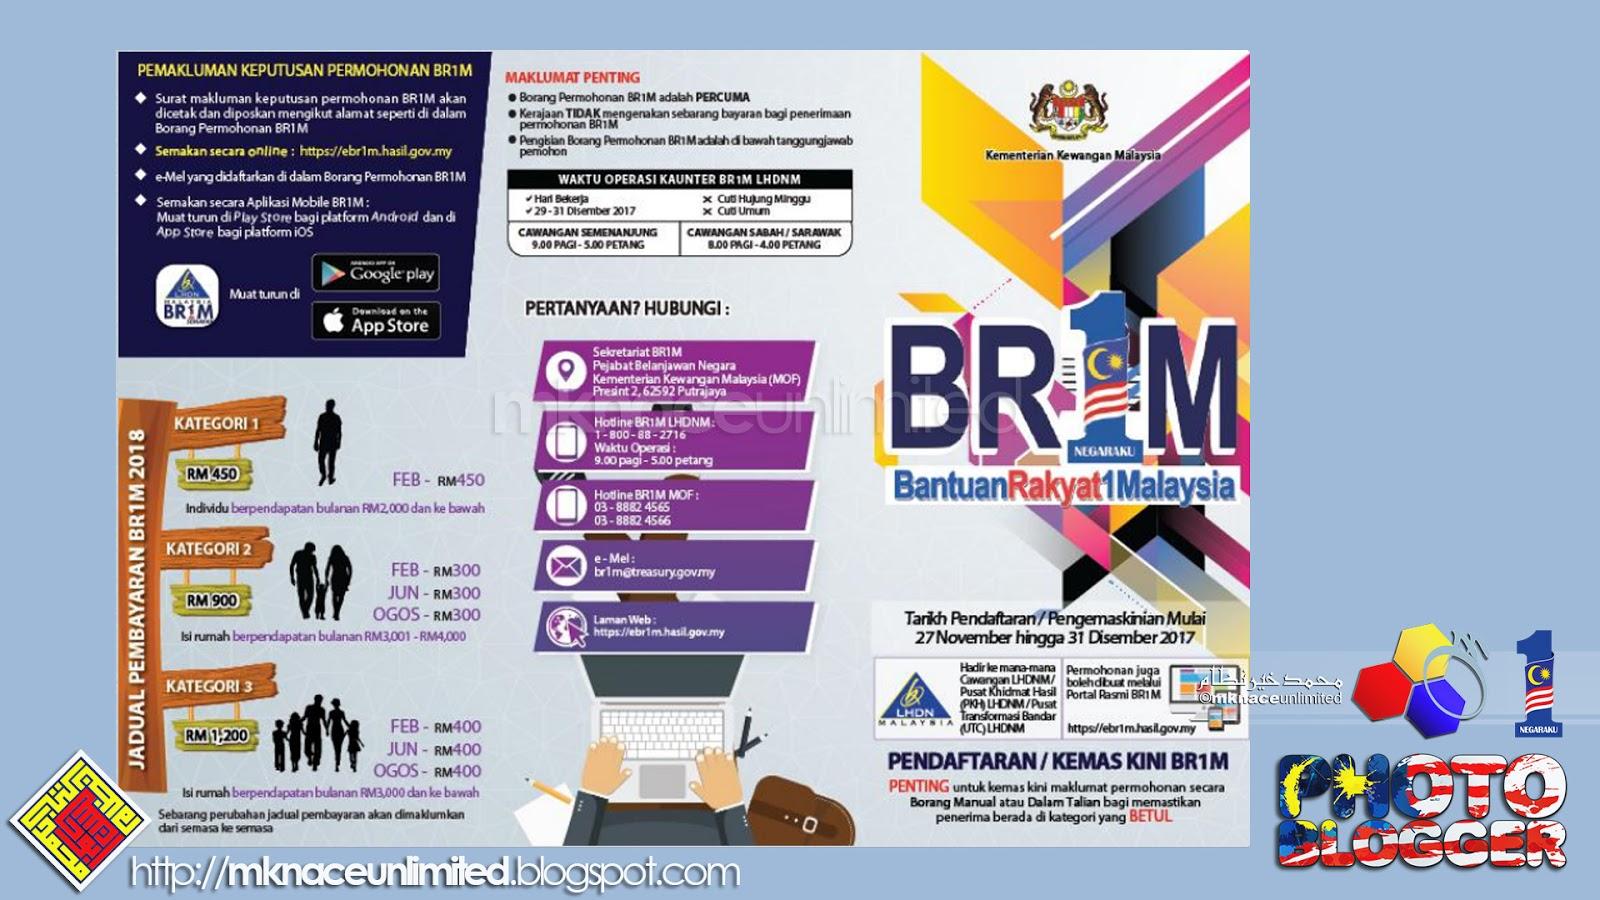 Pendaftaran Bantuan Rakyat 1Malaysia (BRIM) 2018. Kepada yang layak 7e469b8f6a